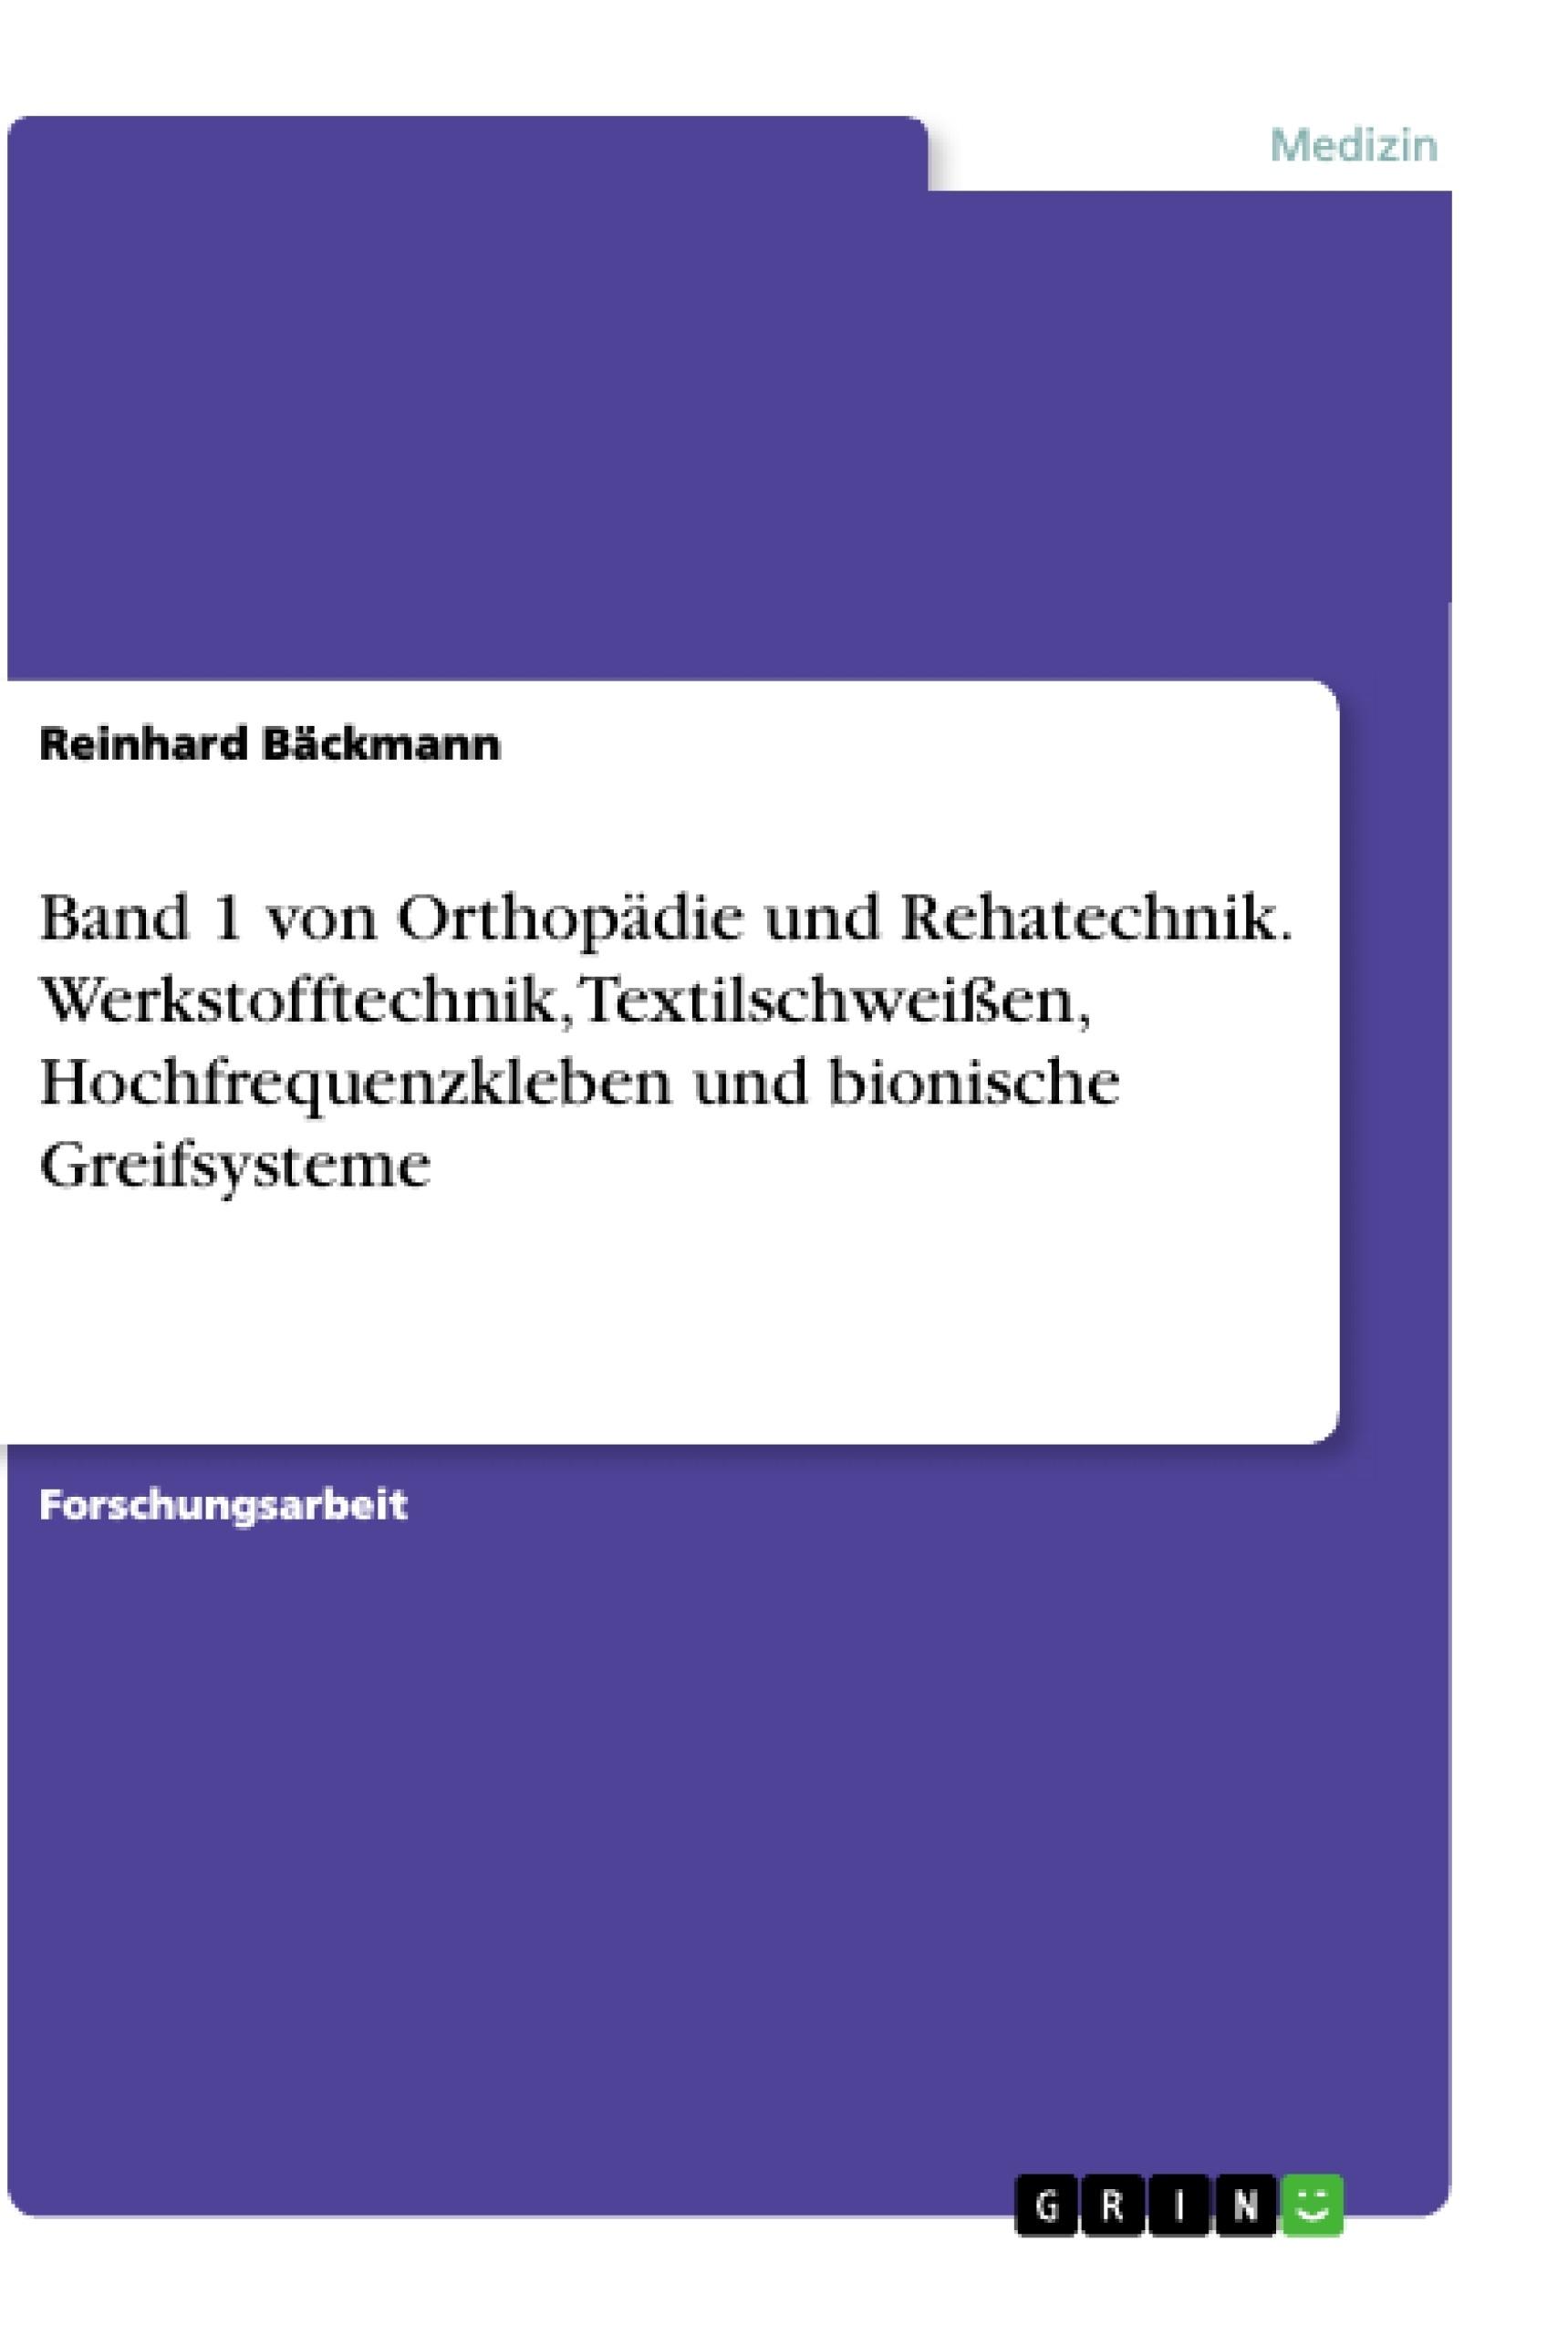 Titel: Band 1 von Orthopädie und Rehatechnik. Werkstofftechnik, Textilschweißen, Hochfrequenzkleben und bionische Greifsysteme